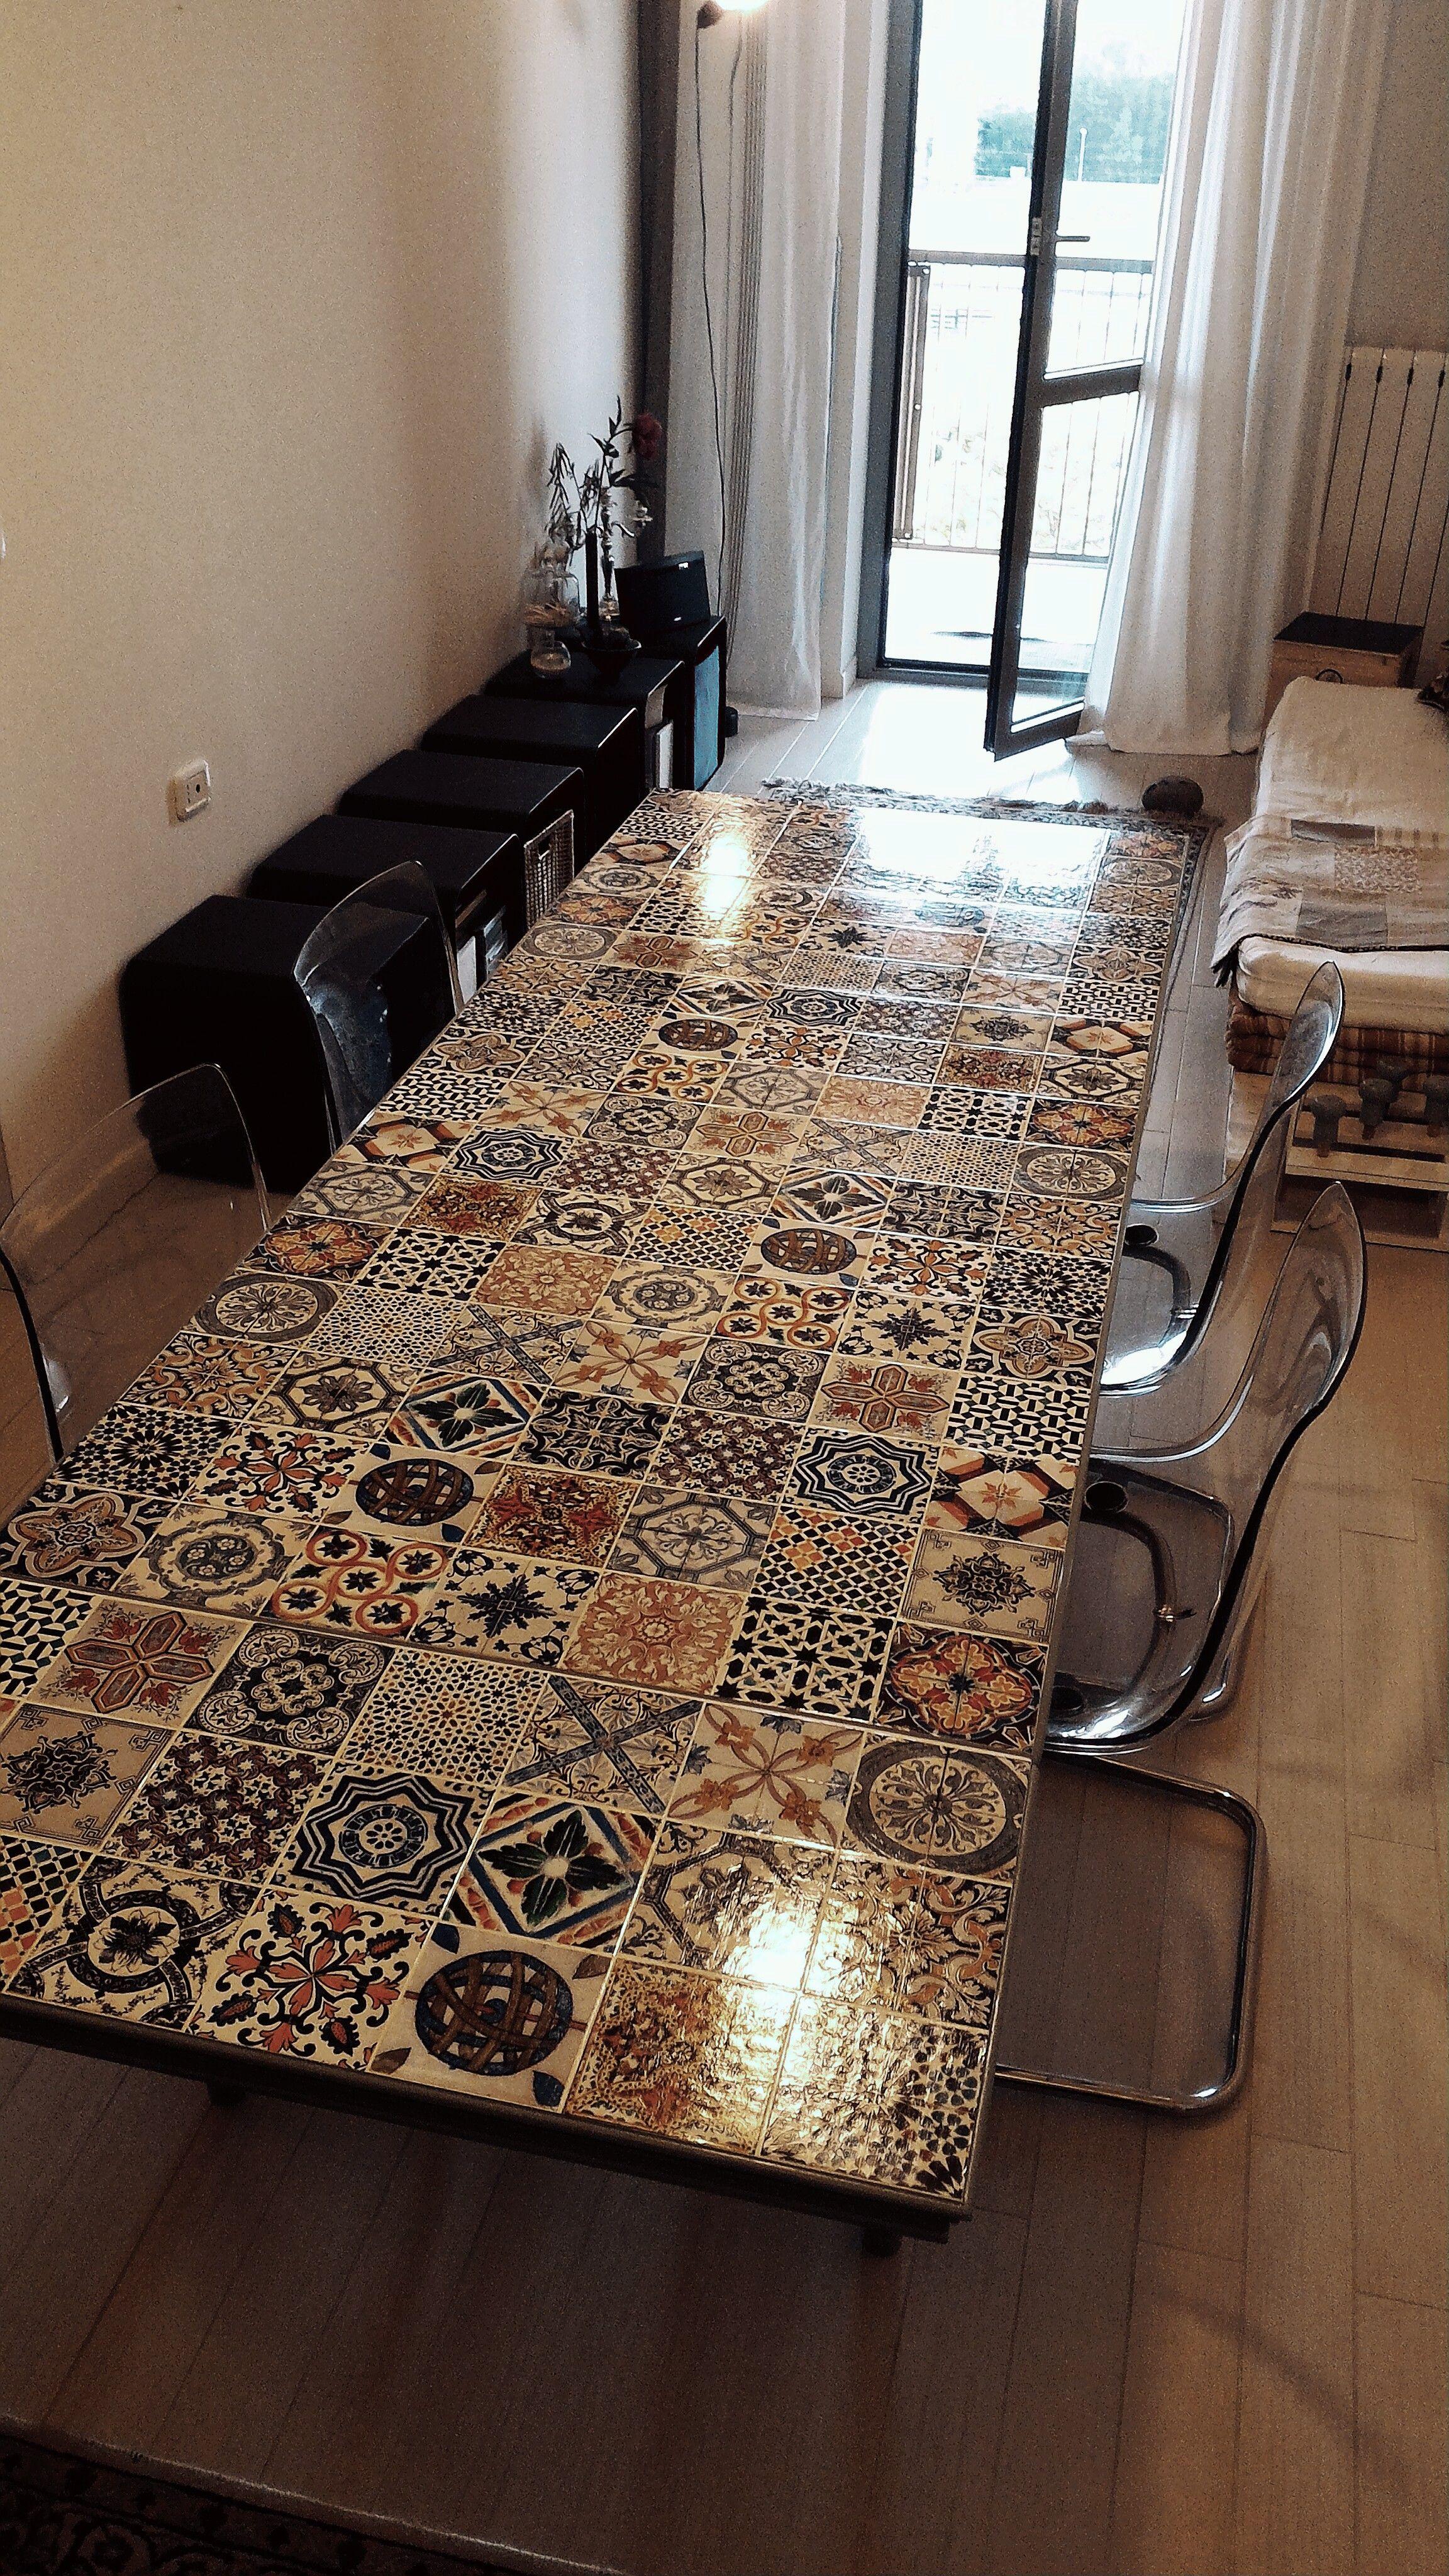 Informazione: Piastrelle Decorative Per Tavoli